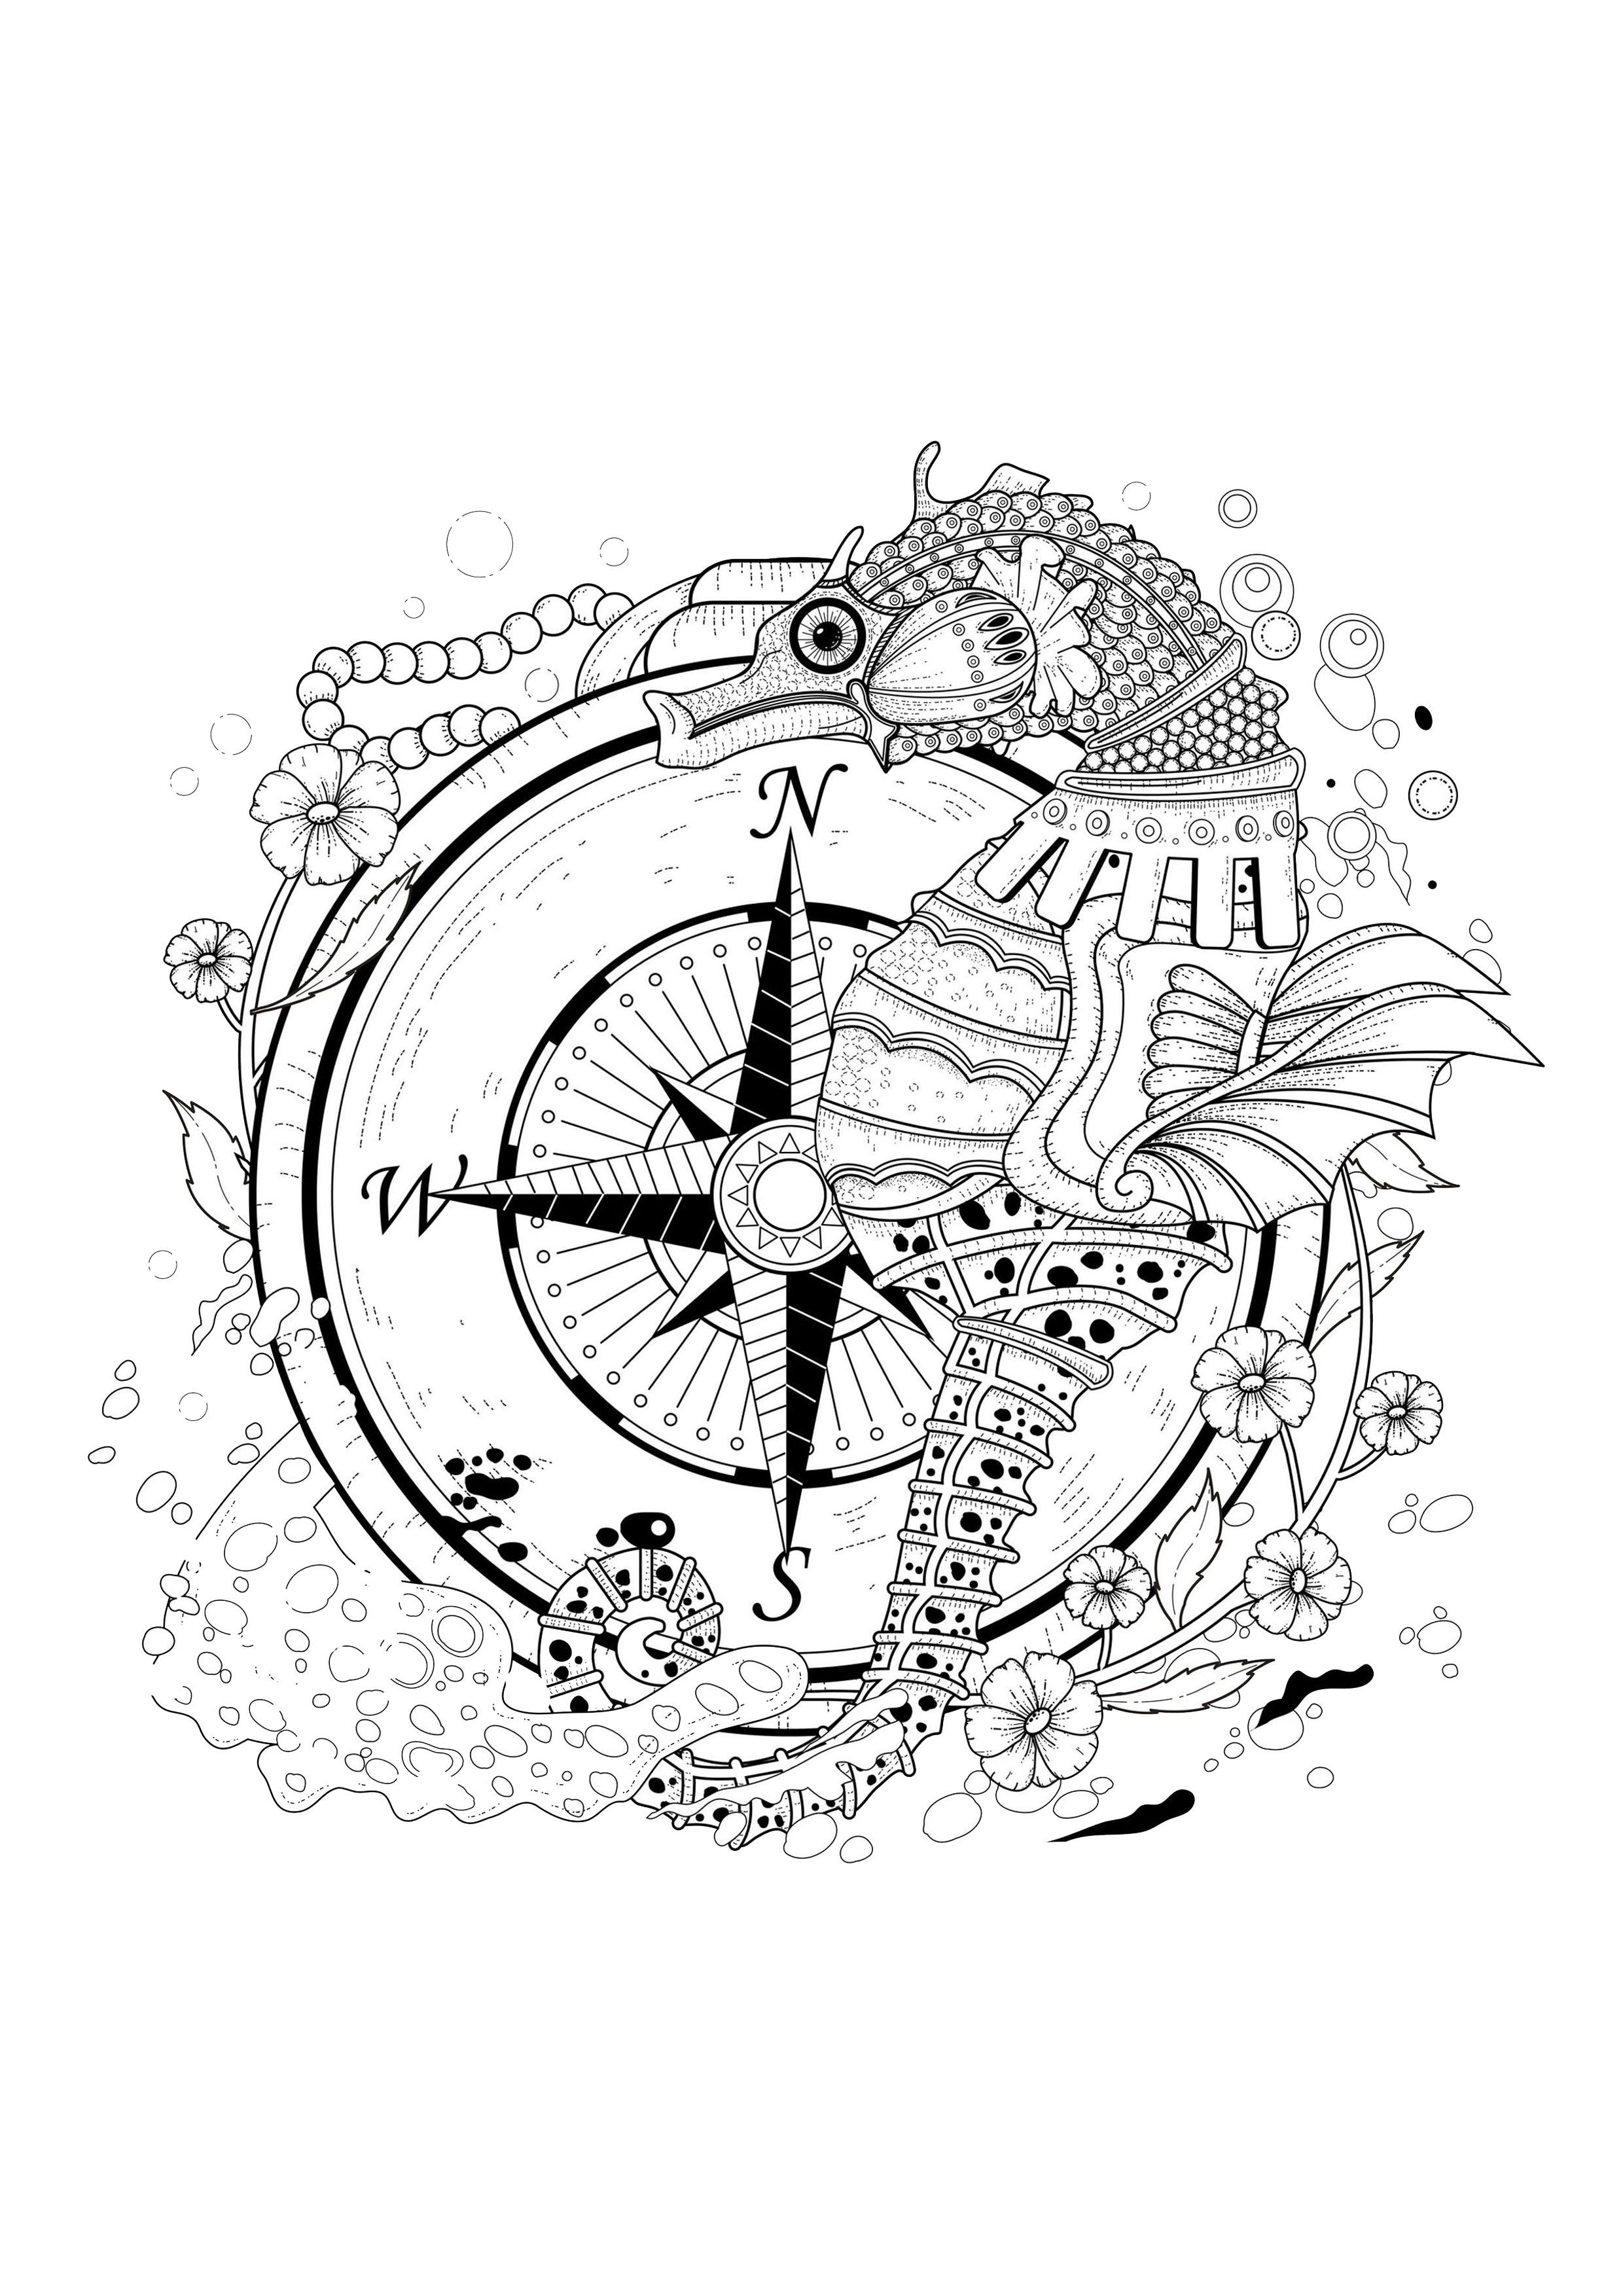 Disegni da colorare per adulti : Water worlds - 18